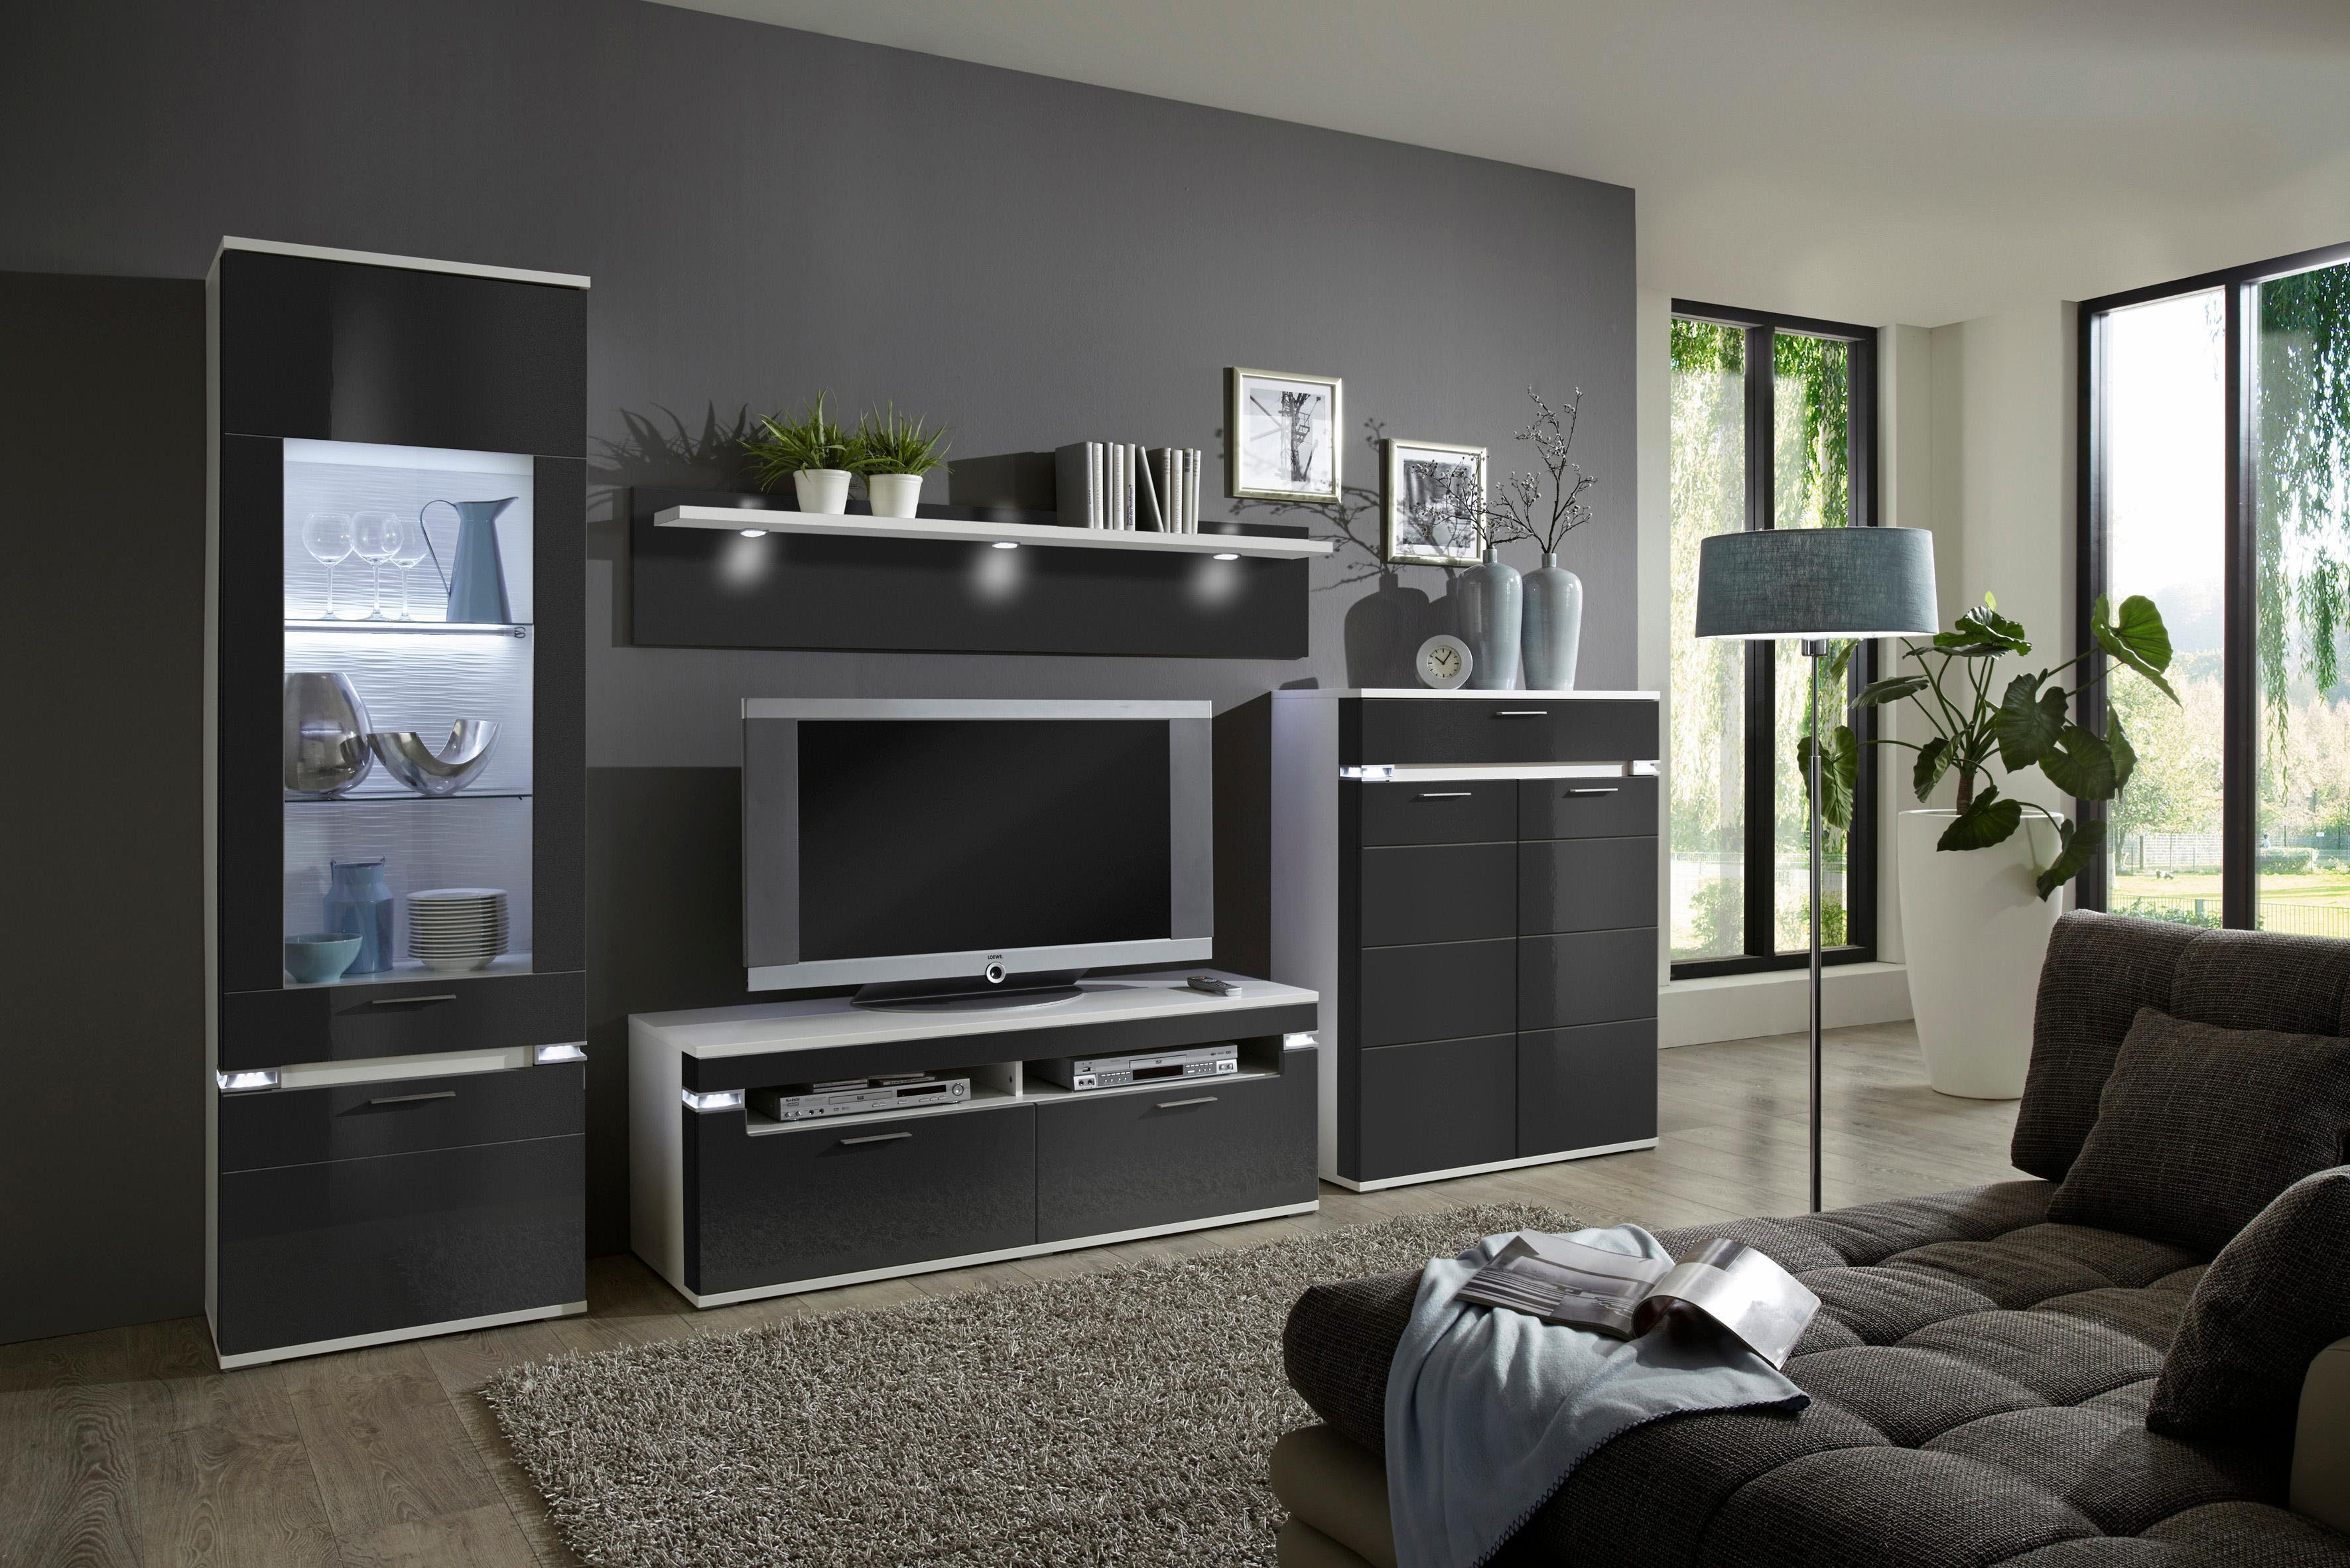 Moderne Wohnwand Style : Places of style wohnwand boa« tlg mit integrierter